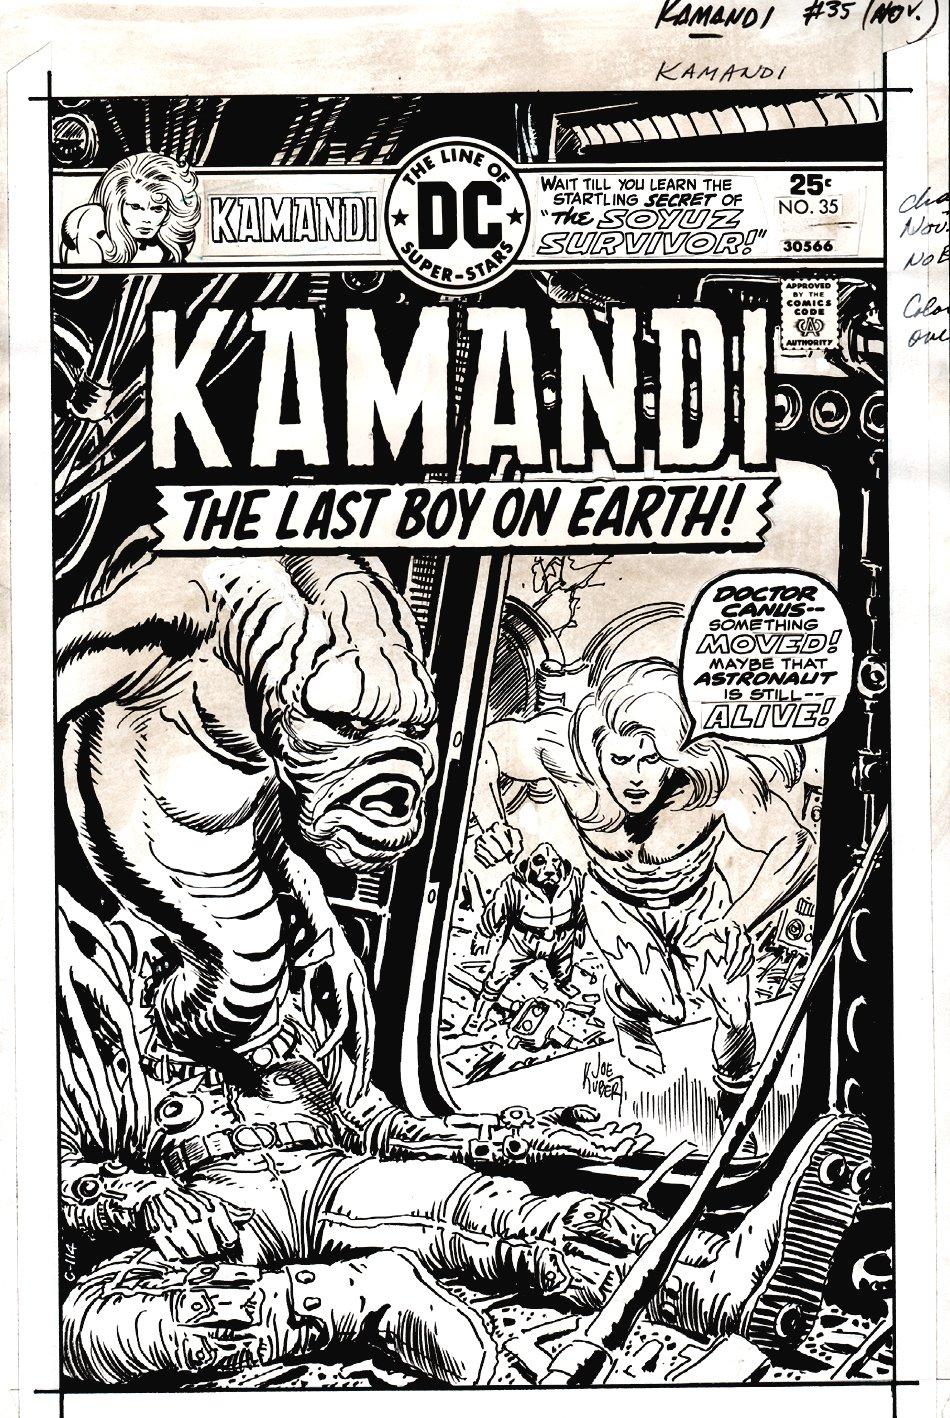 Kamandi #35 Cover (1975)